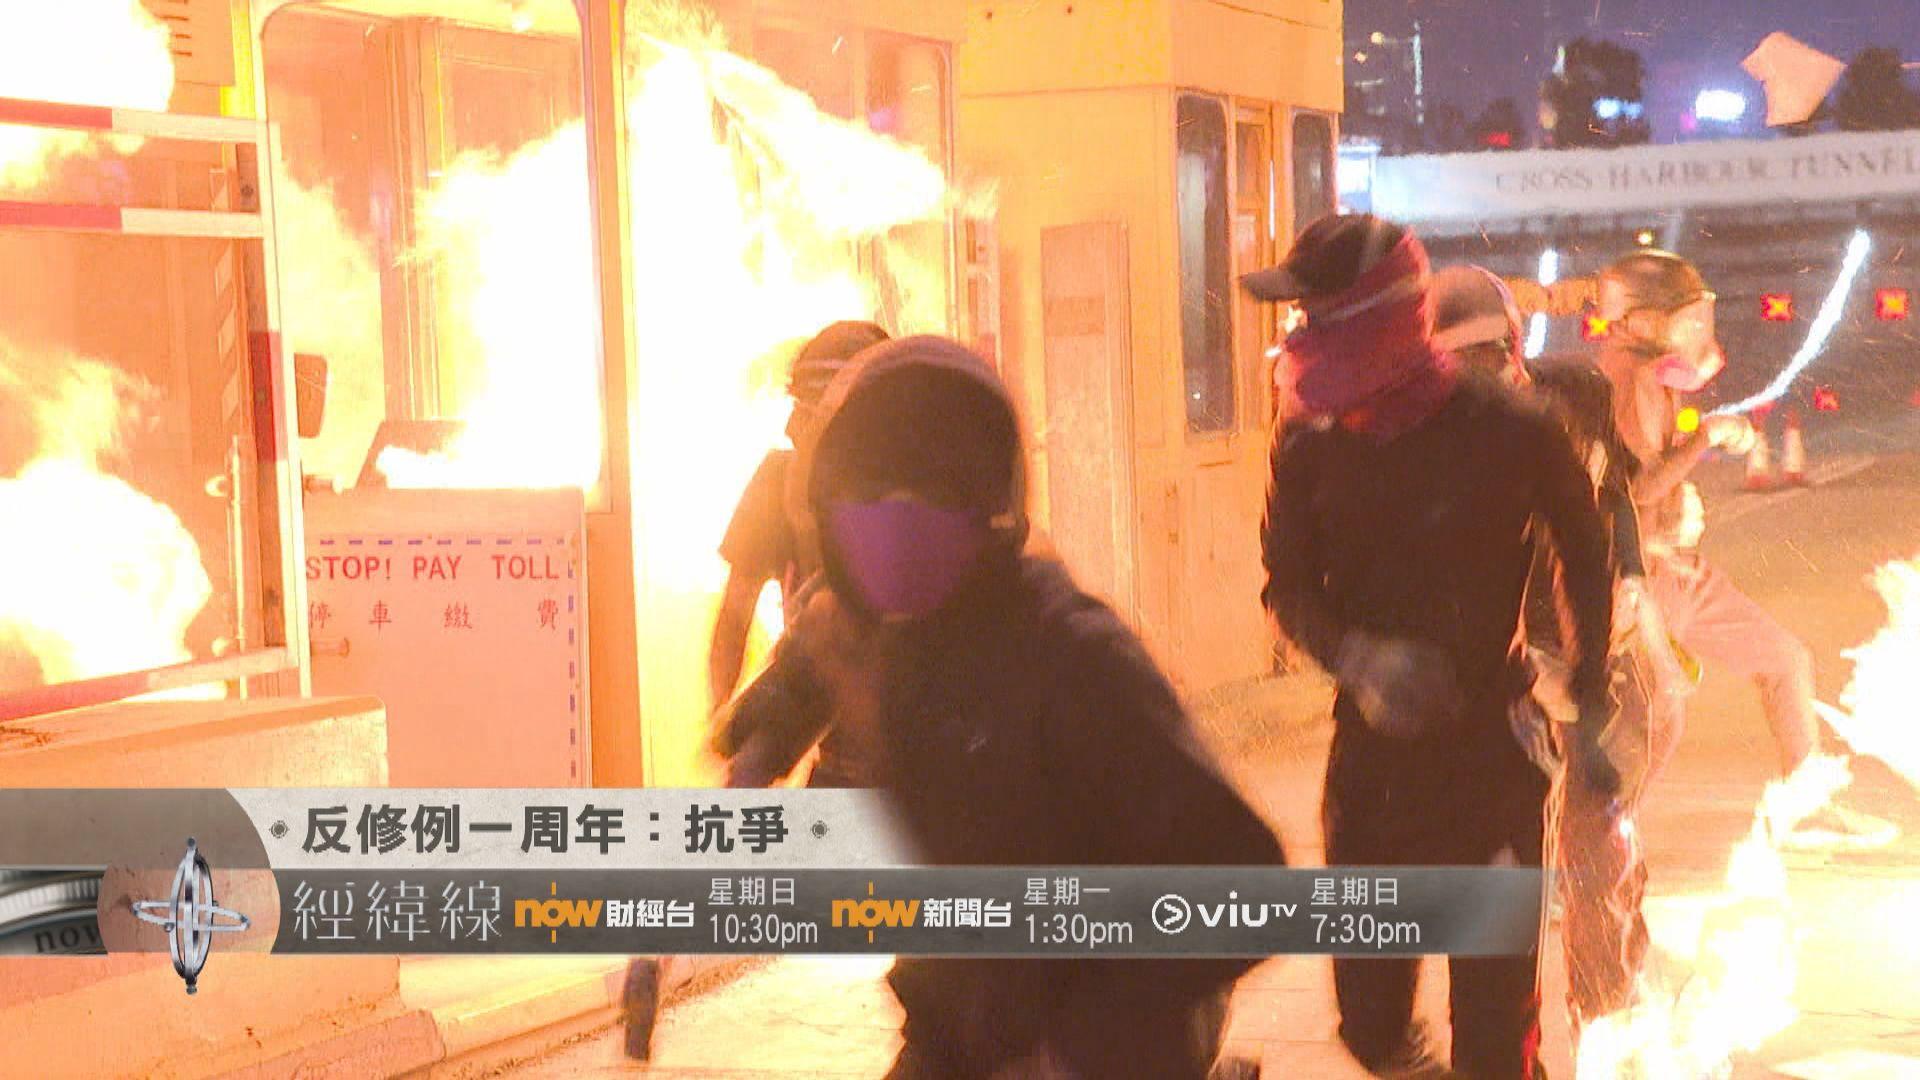 【經緯線本周提要】反修例一周年:抗爭